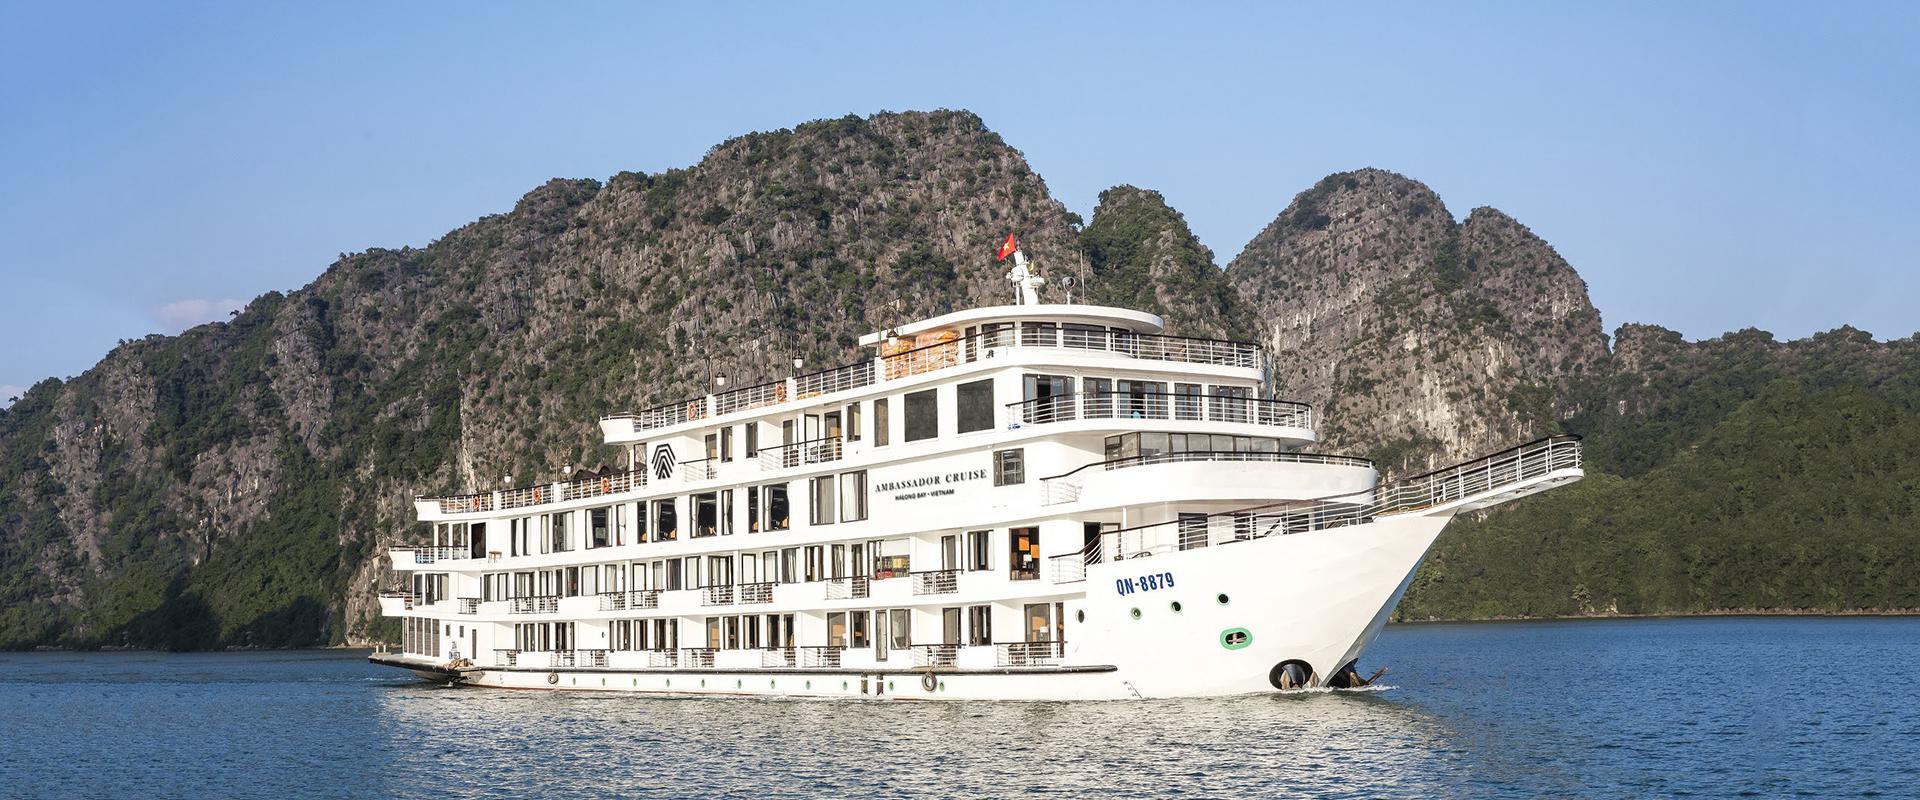 Review tour du thuyền Hạ Long giá rẻ tốt nhất năm 2021